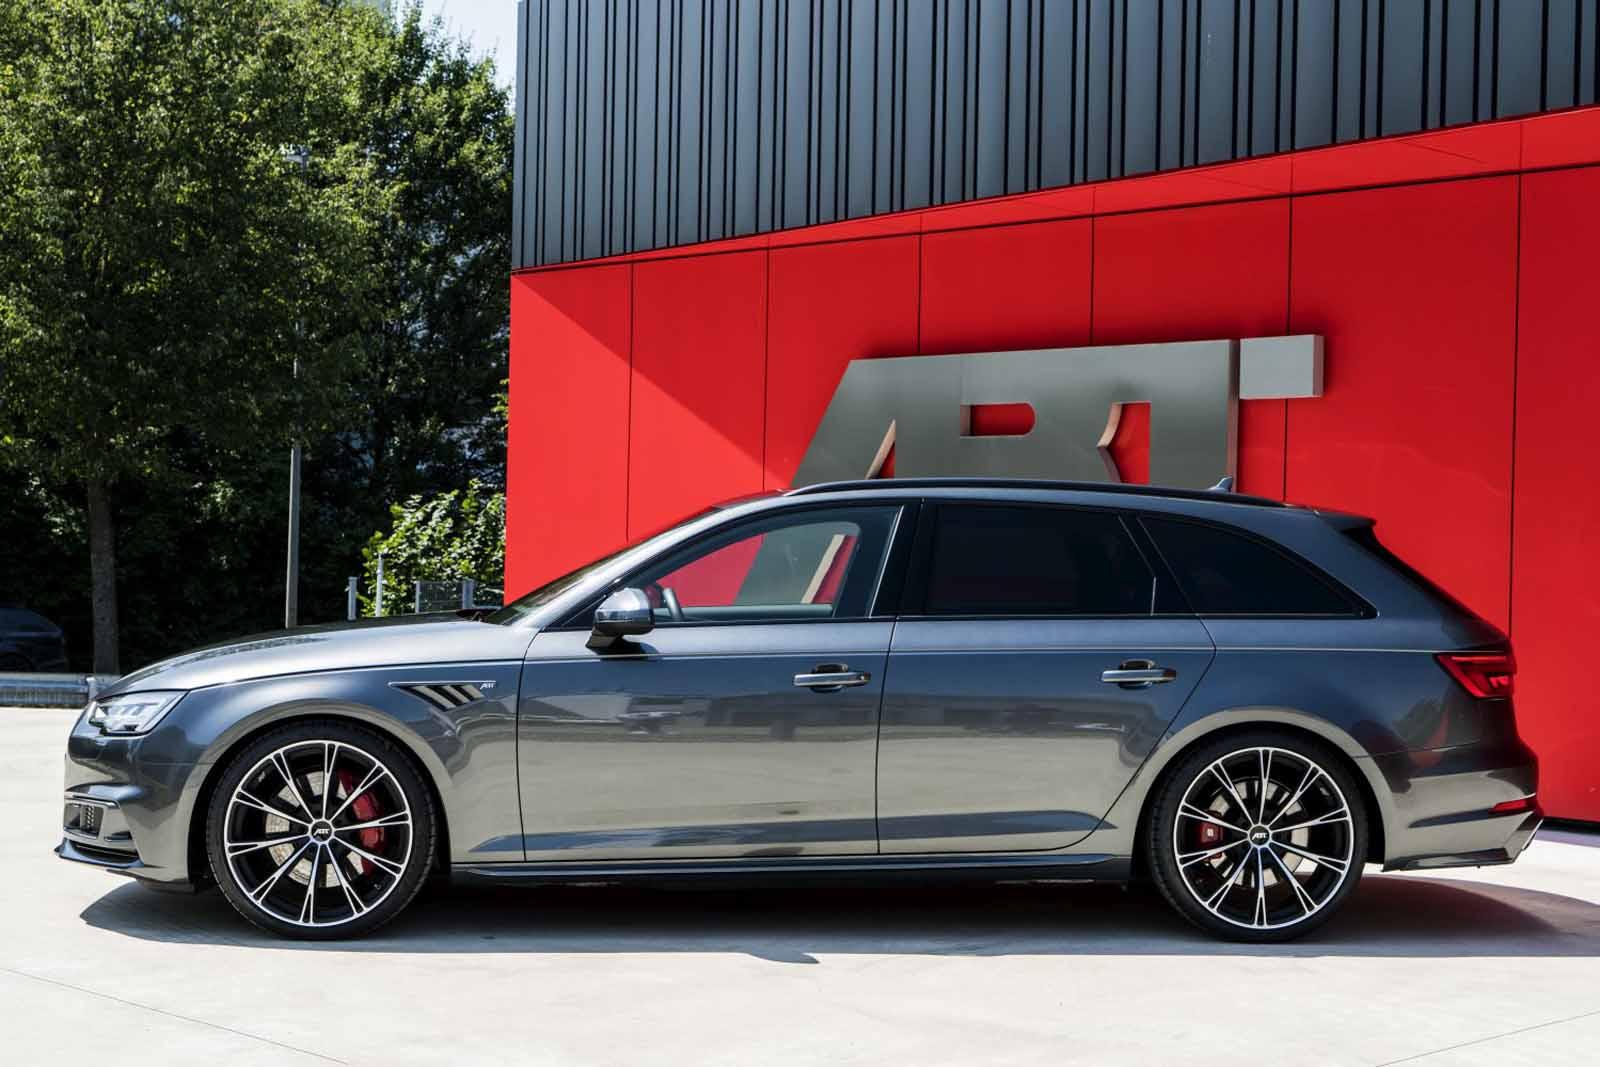 x34-carbon-fiber-mqb-audi-volkswagen-18t-20t-gen3-cold-air-intake-a3-s3-tt-tts-vw-mk7-golf-r-gti